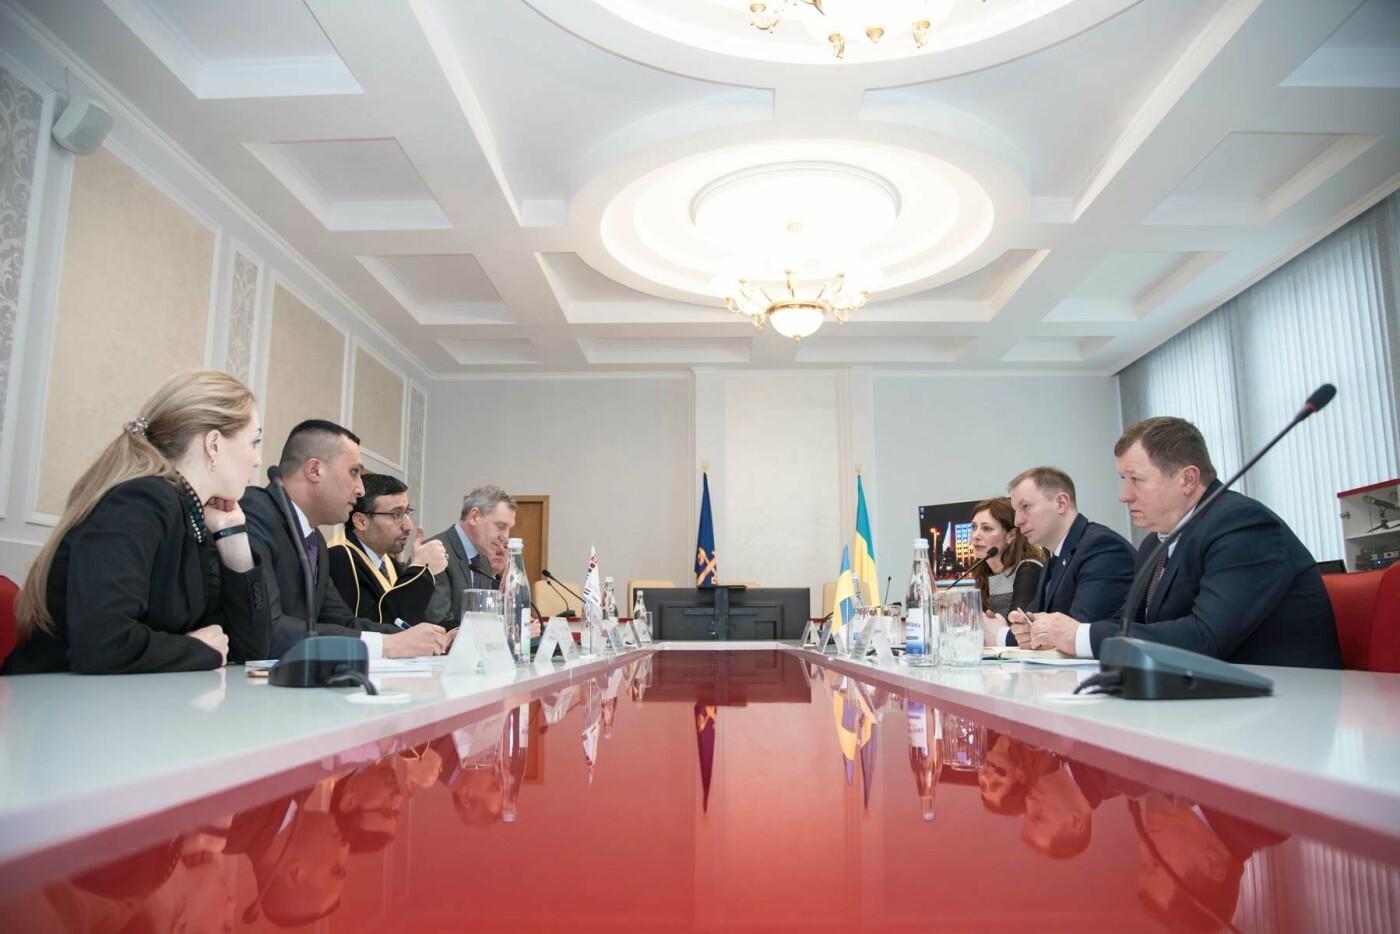 Тернопільська ОДА підписала меморандум про співробітництво з Українсько-Арабською Діловою Радою (фото), фото-2